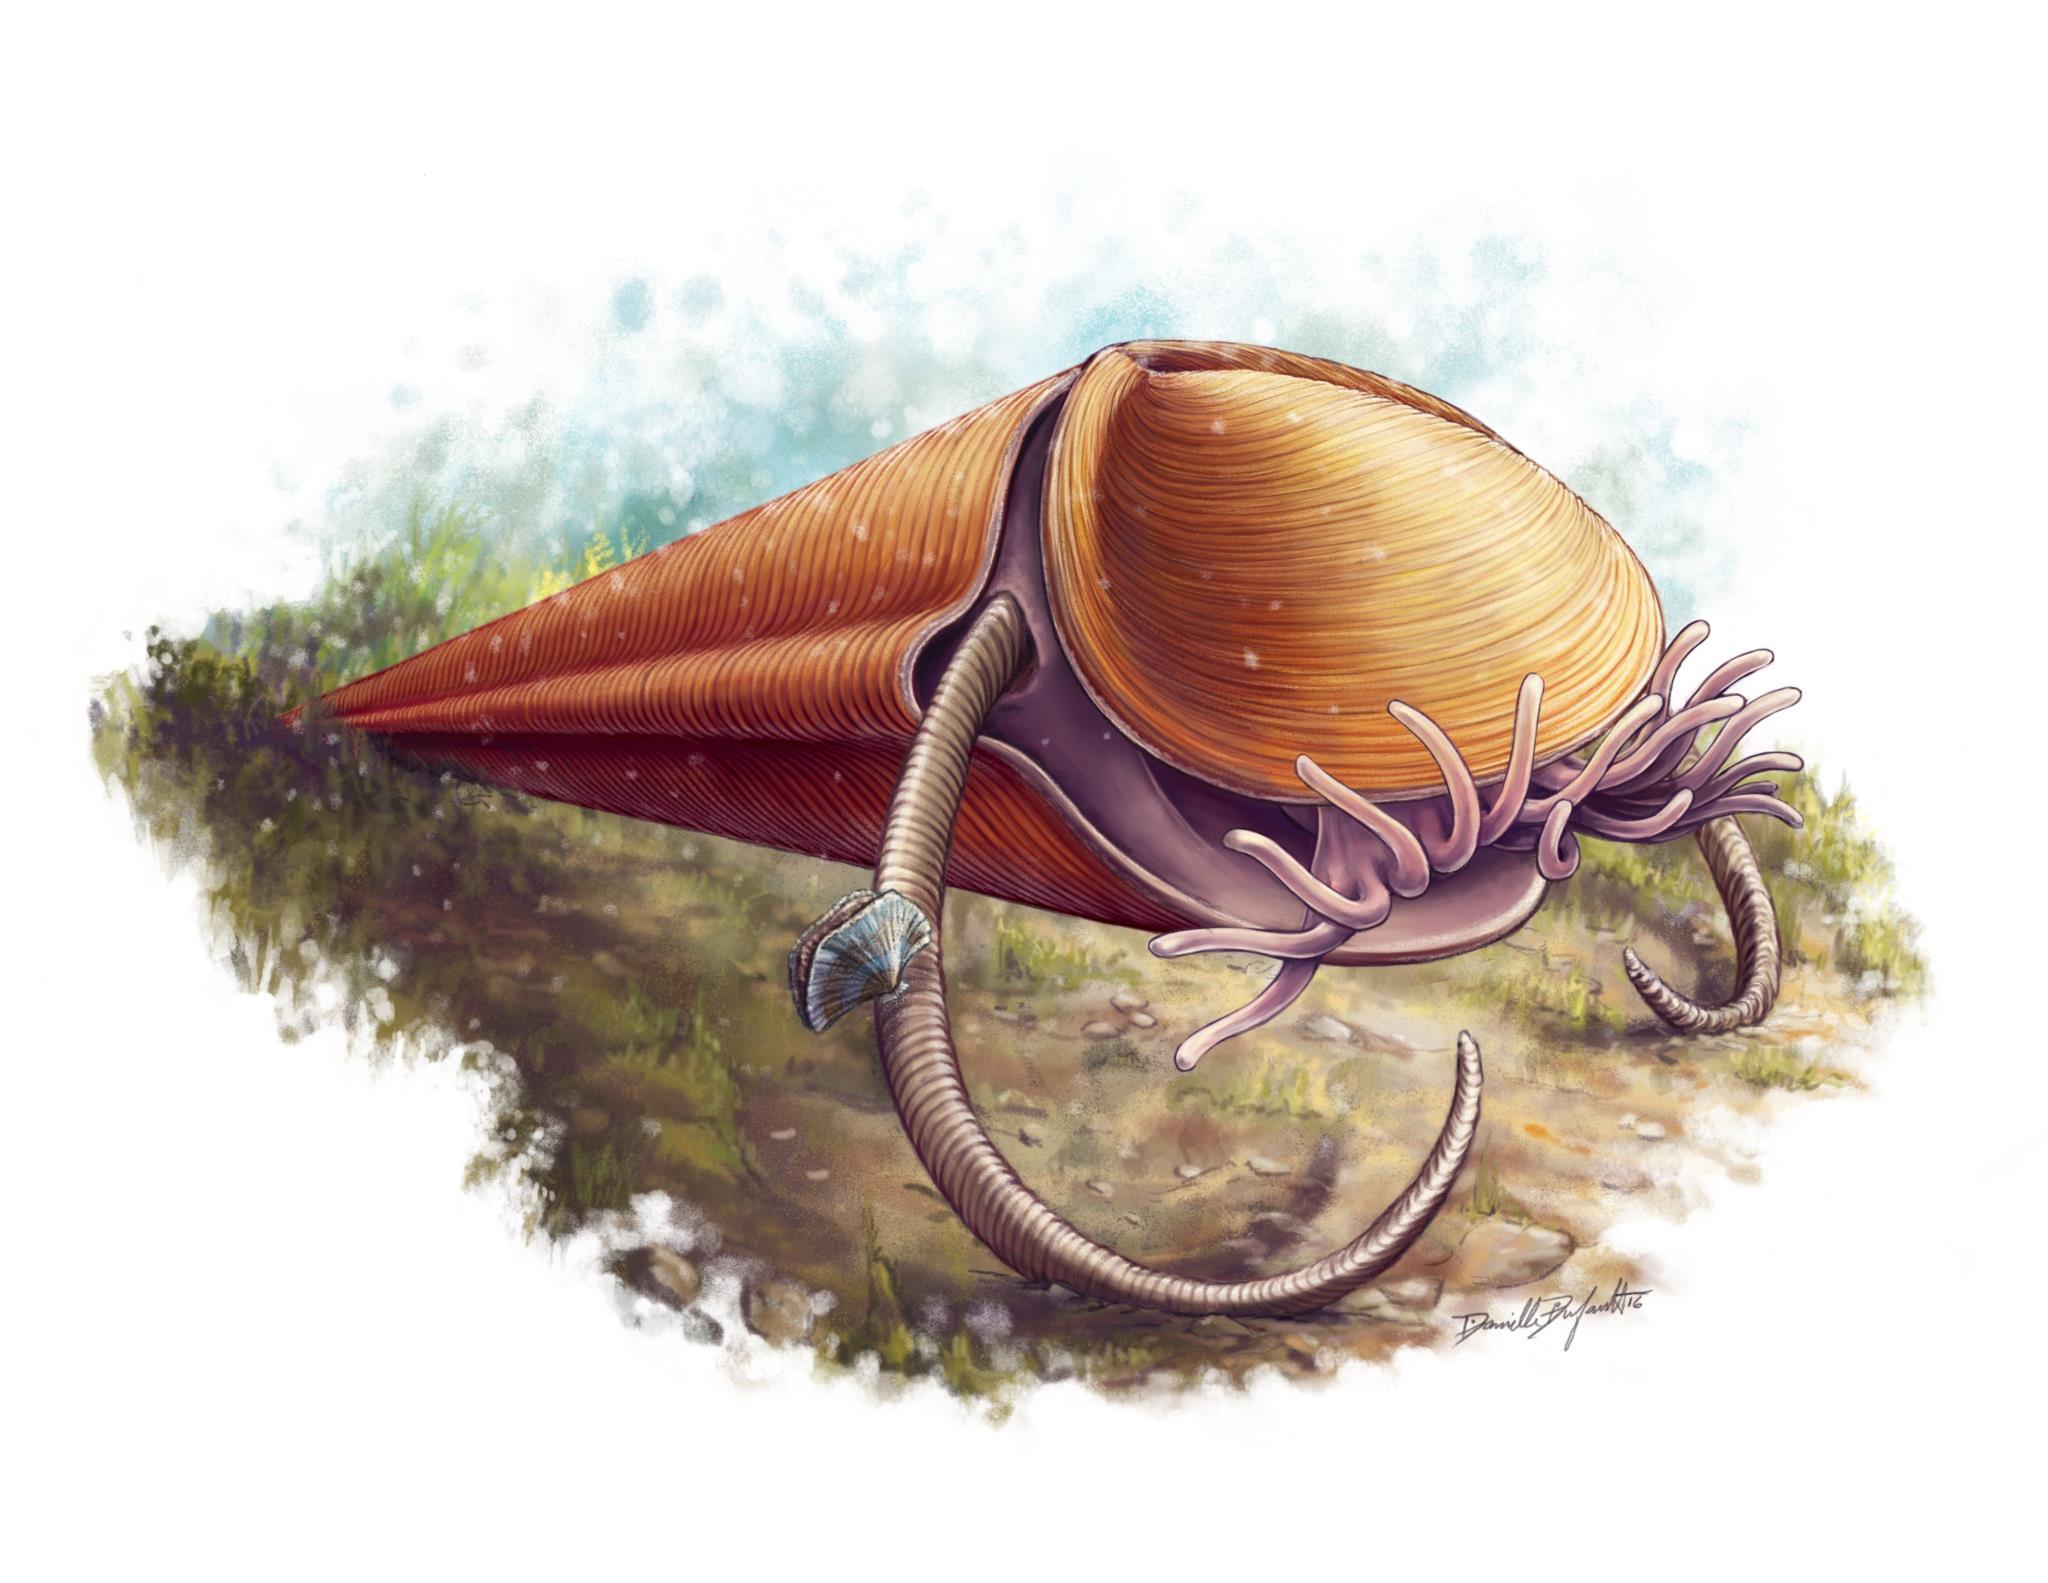 """Ilustração do hiolito <i>Haplophrentis</i> a mostrar os tentáculos que usava para apanhar comida e o par de """"braços"""" com que se elevava do solo marinho"""